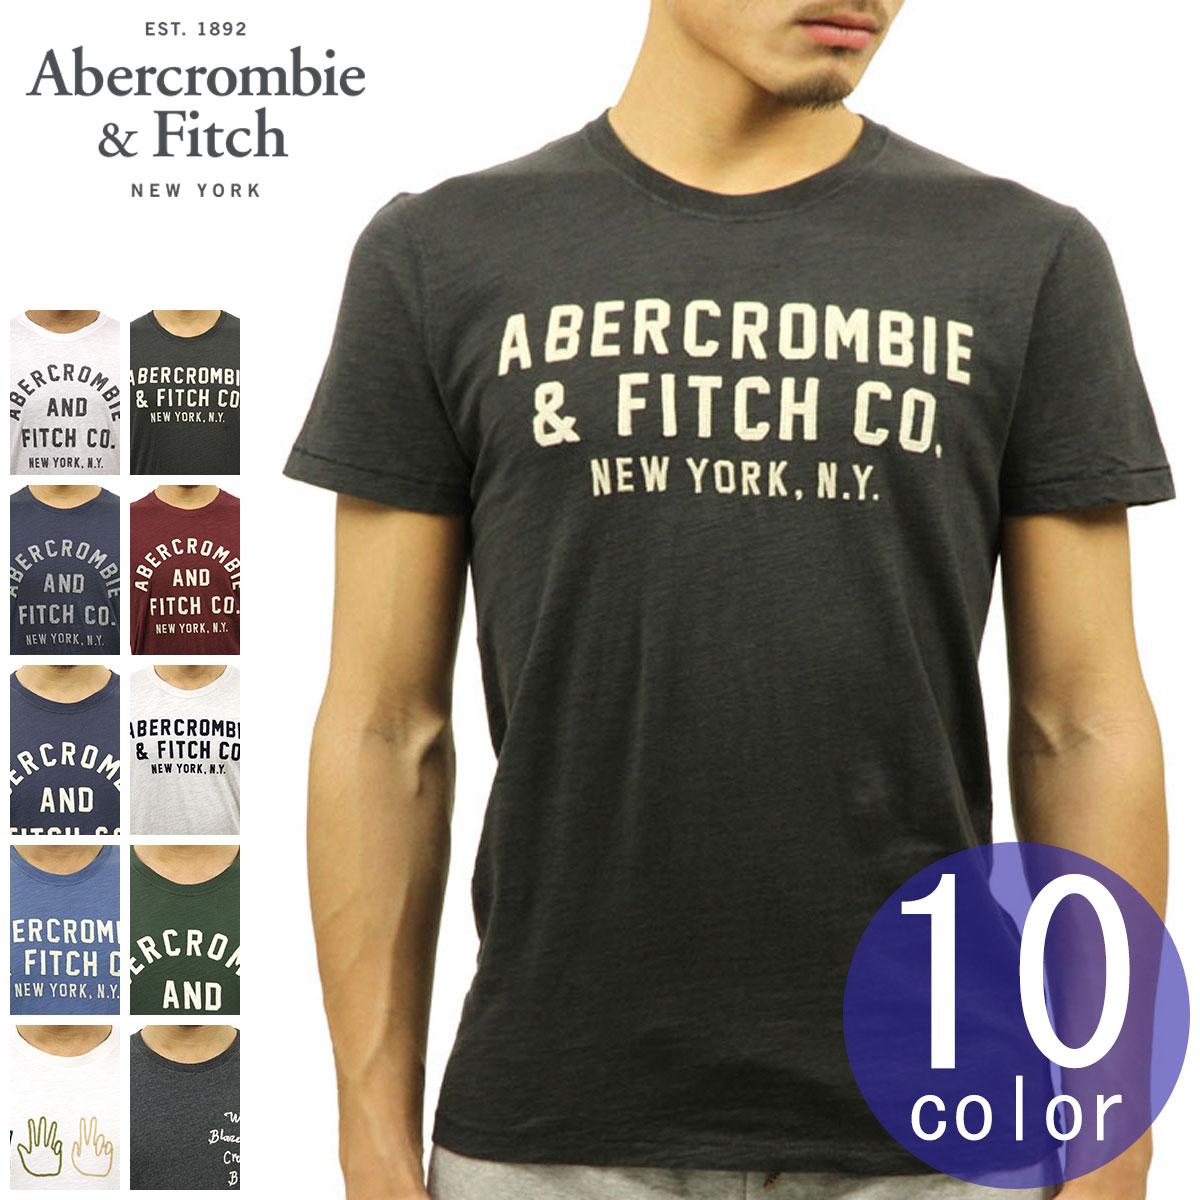 【ポイント10倍 1/1 00:00~1/5 23:59まで】 アバクロ Tシャツ 正規品 Abercrombie&Fitch 半袖Tシャツ クルーネック TEE